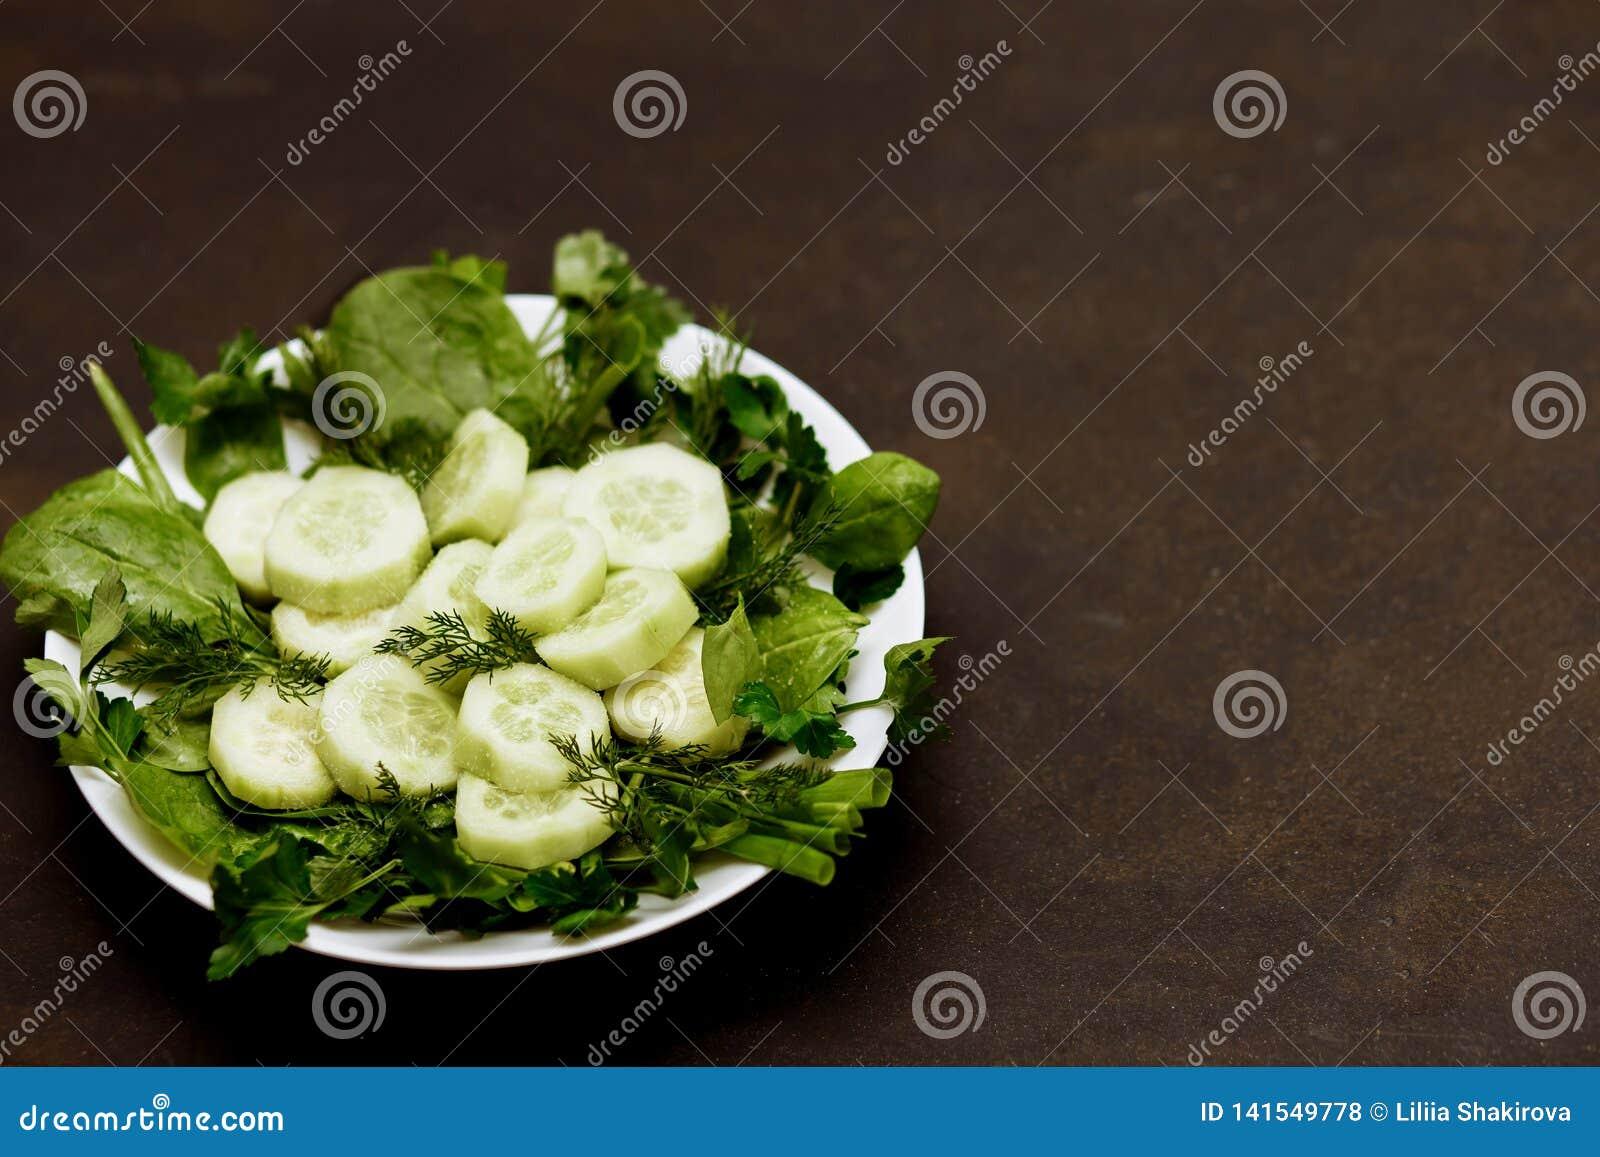 Salada com legumes frescos, ervas, e pepinos no fundo preto com espaço da cópia